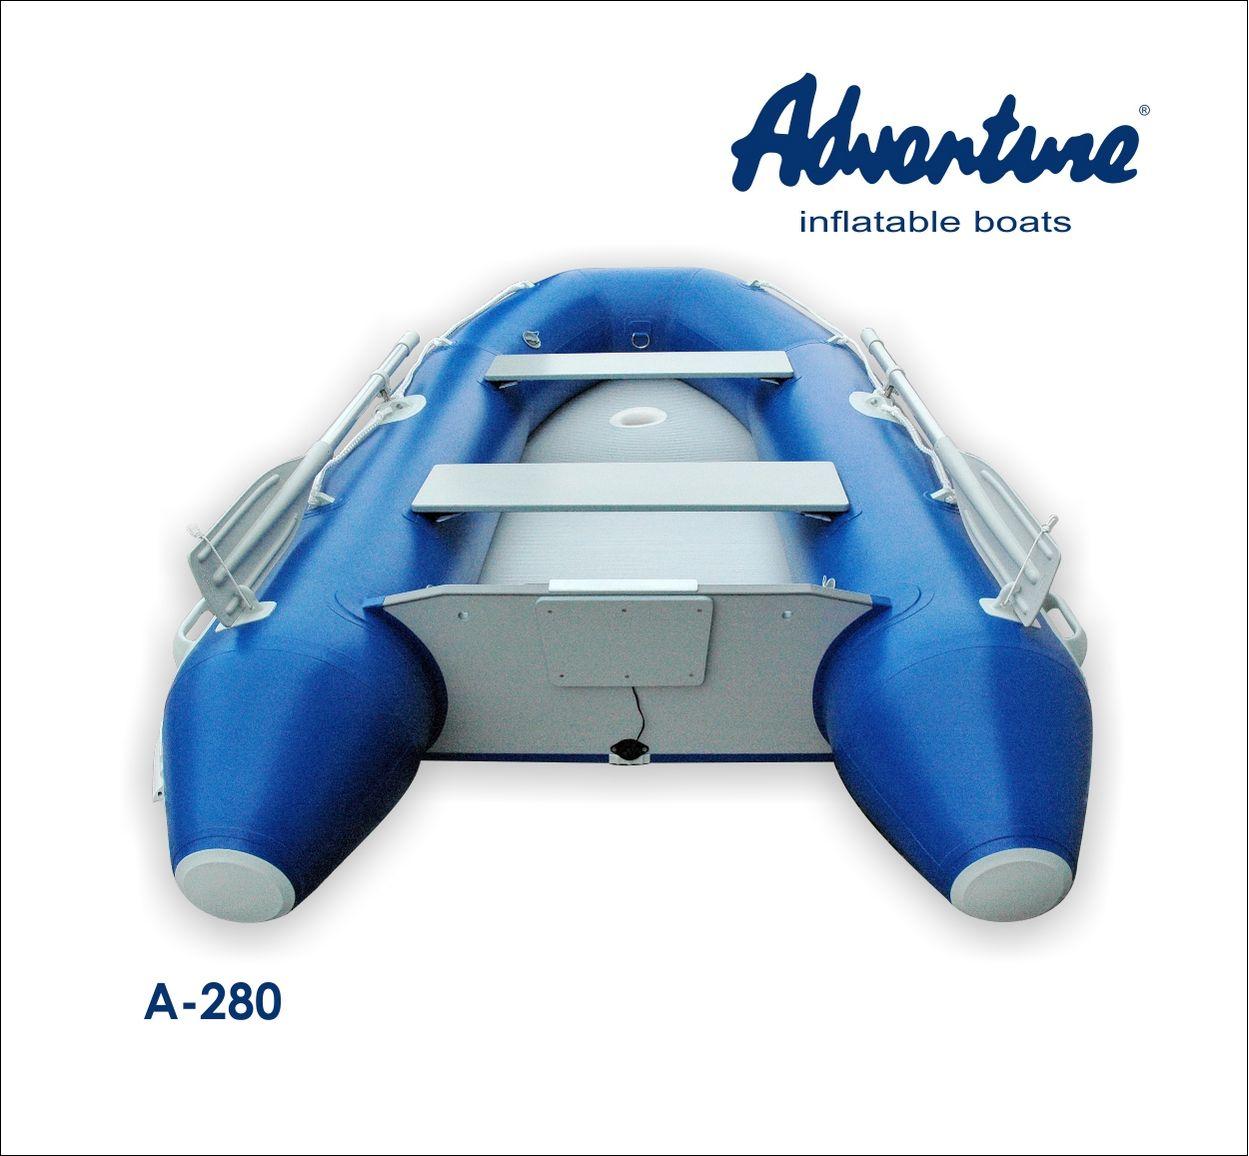 Надувная лодка Adventure Arta A-280 - фото 3